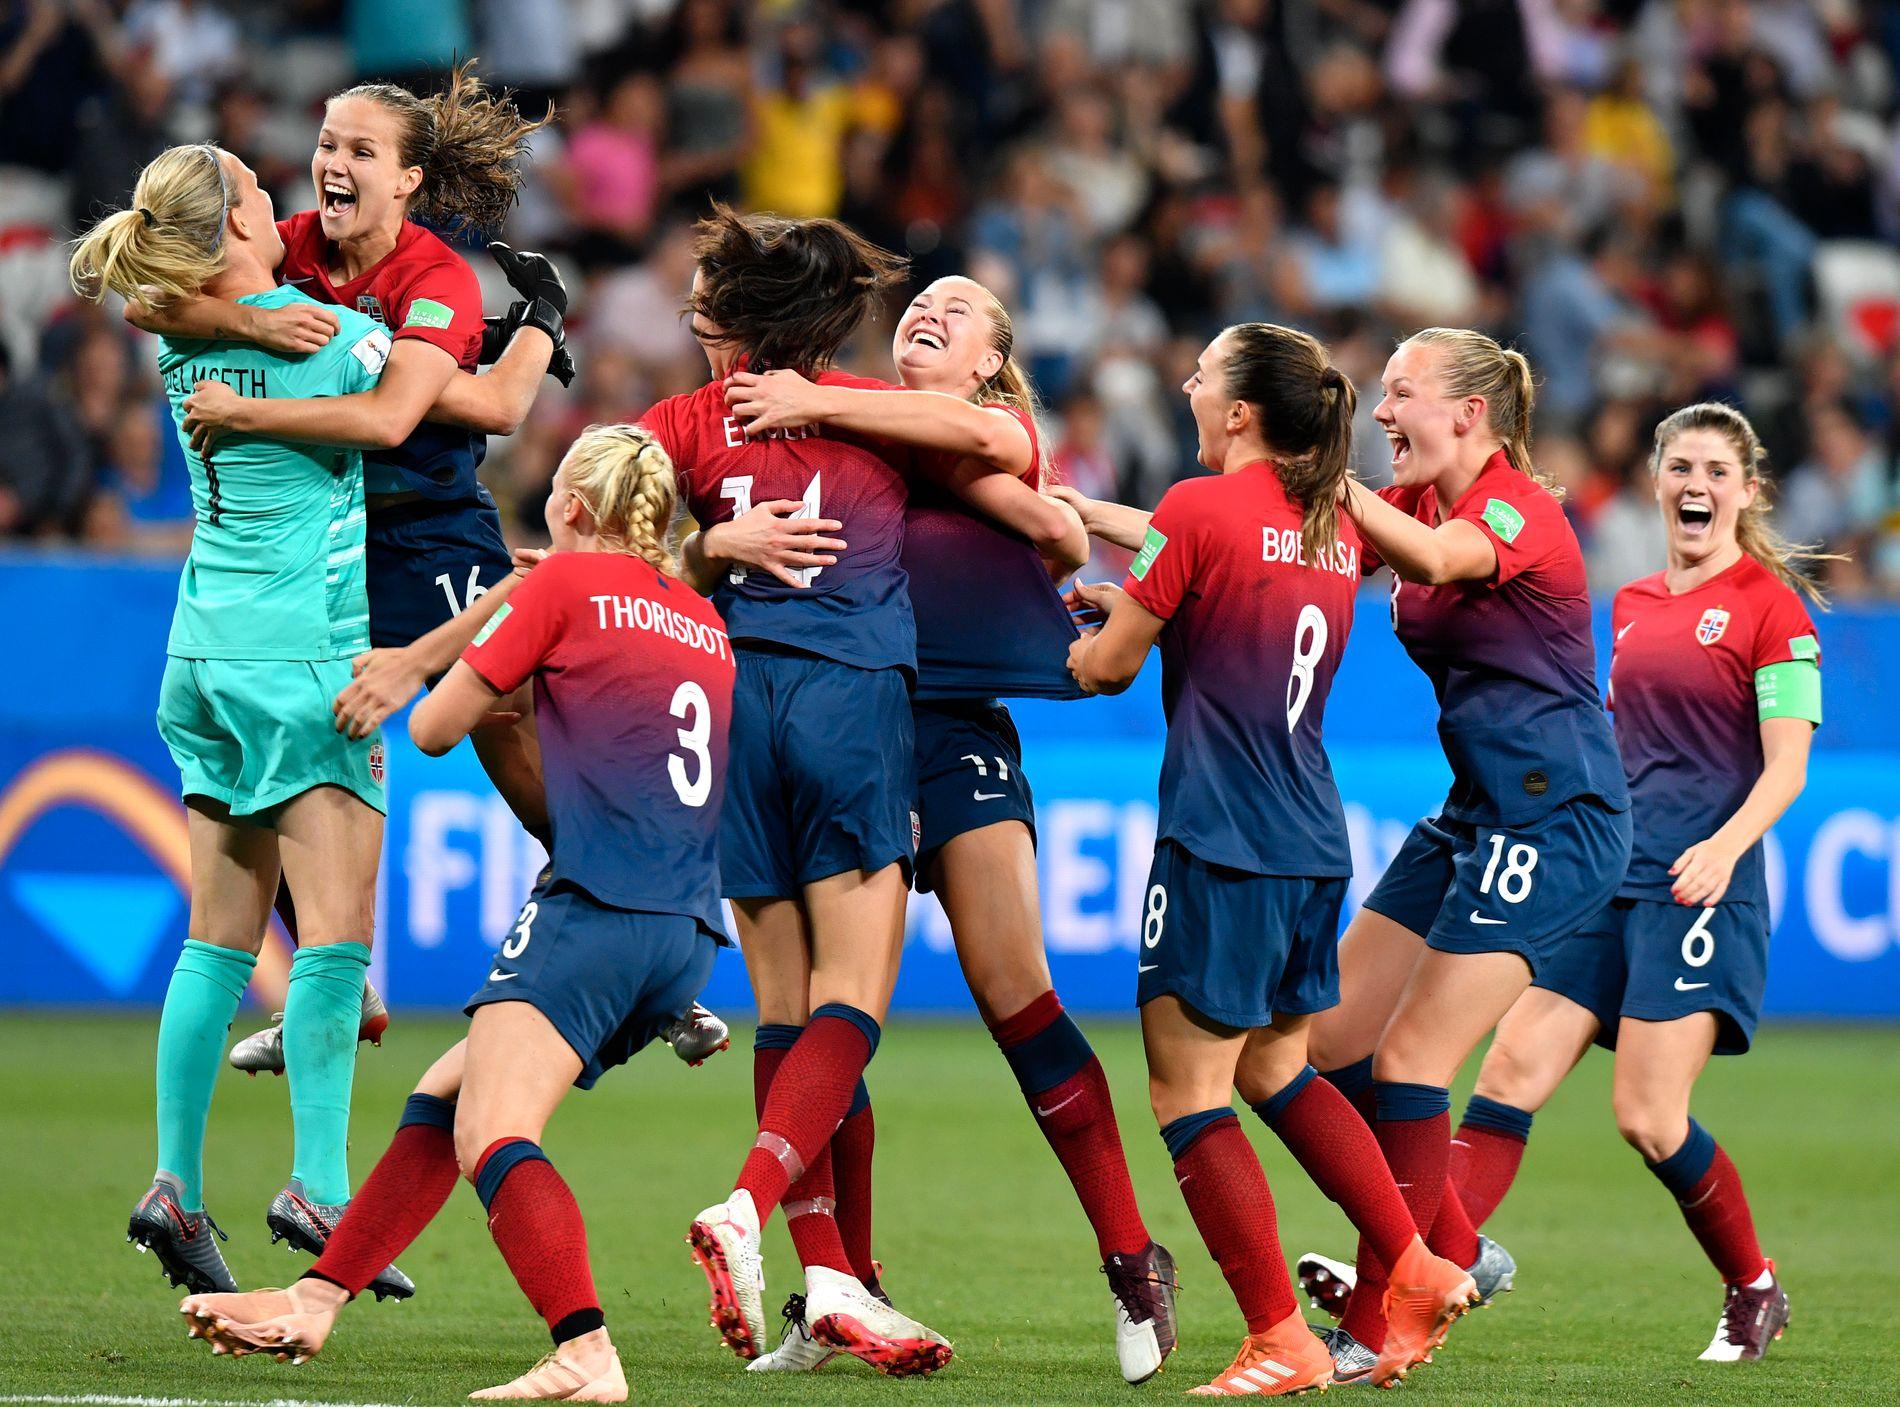 DET NORSKE LANDSLAGET: Hvis fotballen ikke hadde vært så gjennomsyret av kjønnsstereotypier, ville man kanskje vurdert andre forklaringer enn at jentene ikke har nok guts, skriver Eirin Eikefjord.